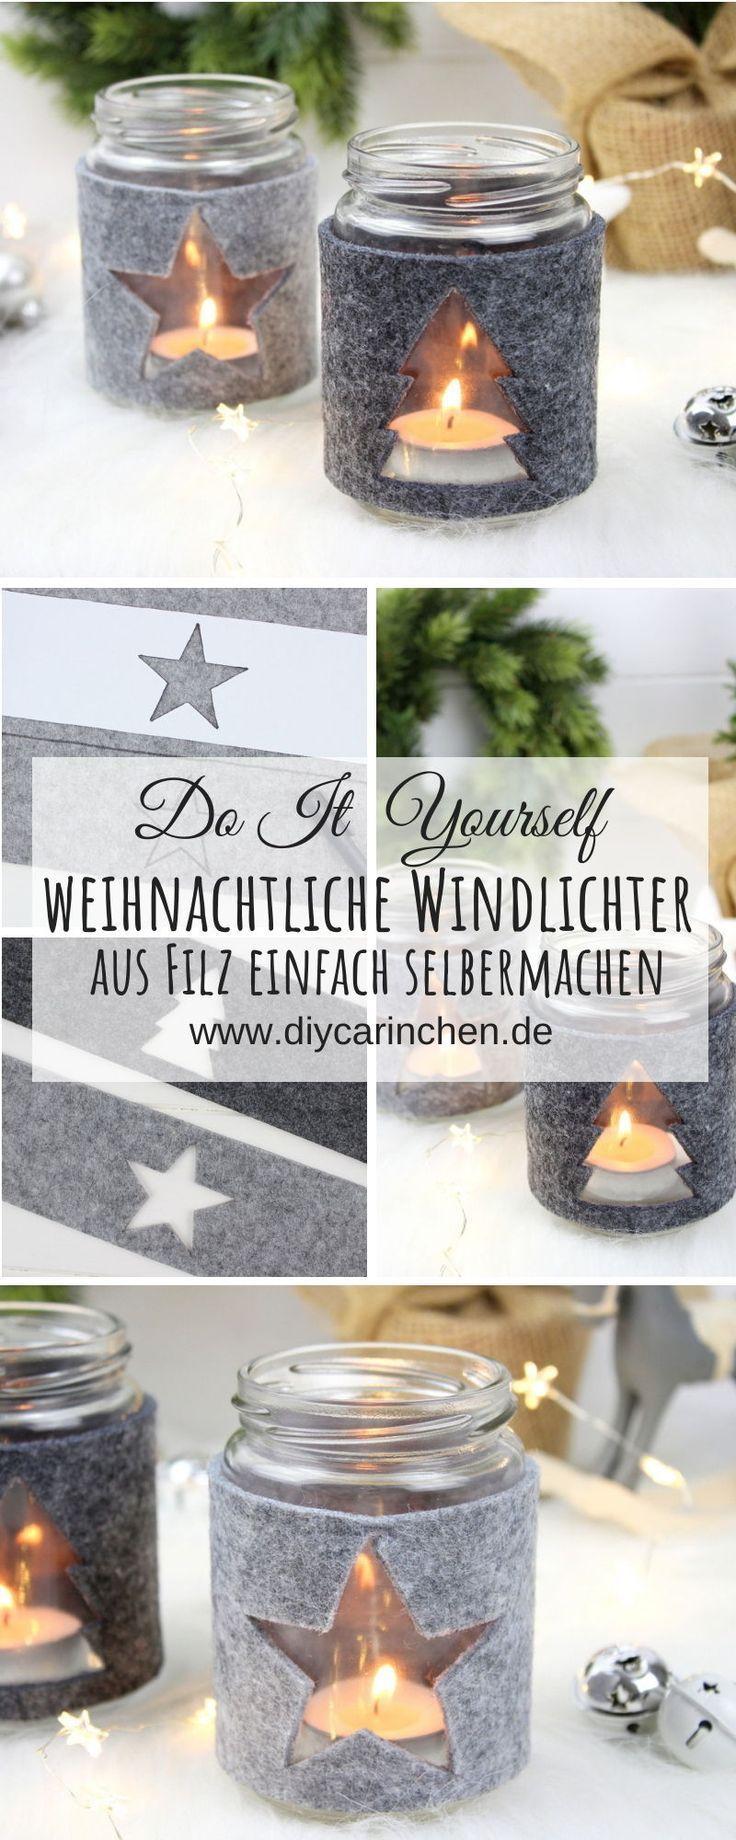 Photo of DIY weihnachtliche Windlichter mit Filz Stern und Tannenbaum